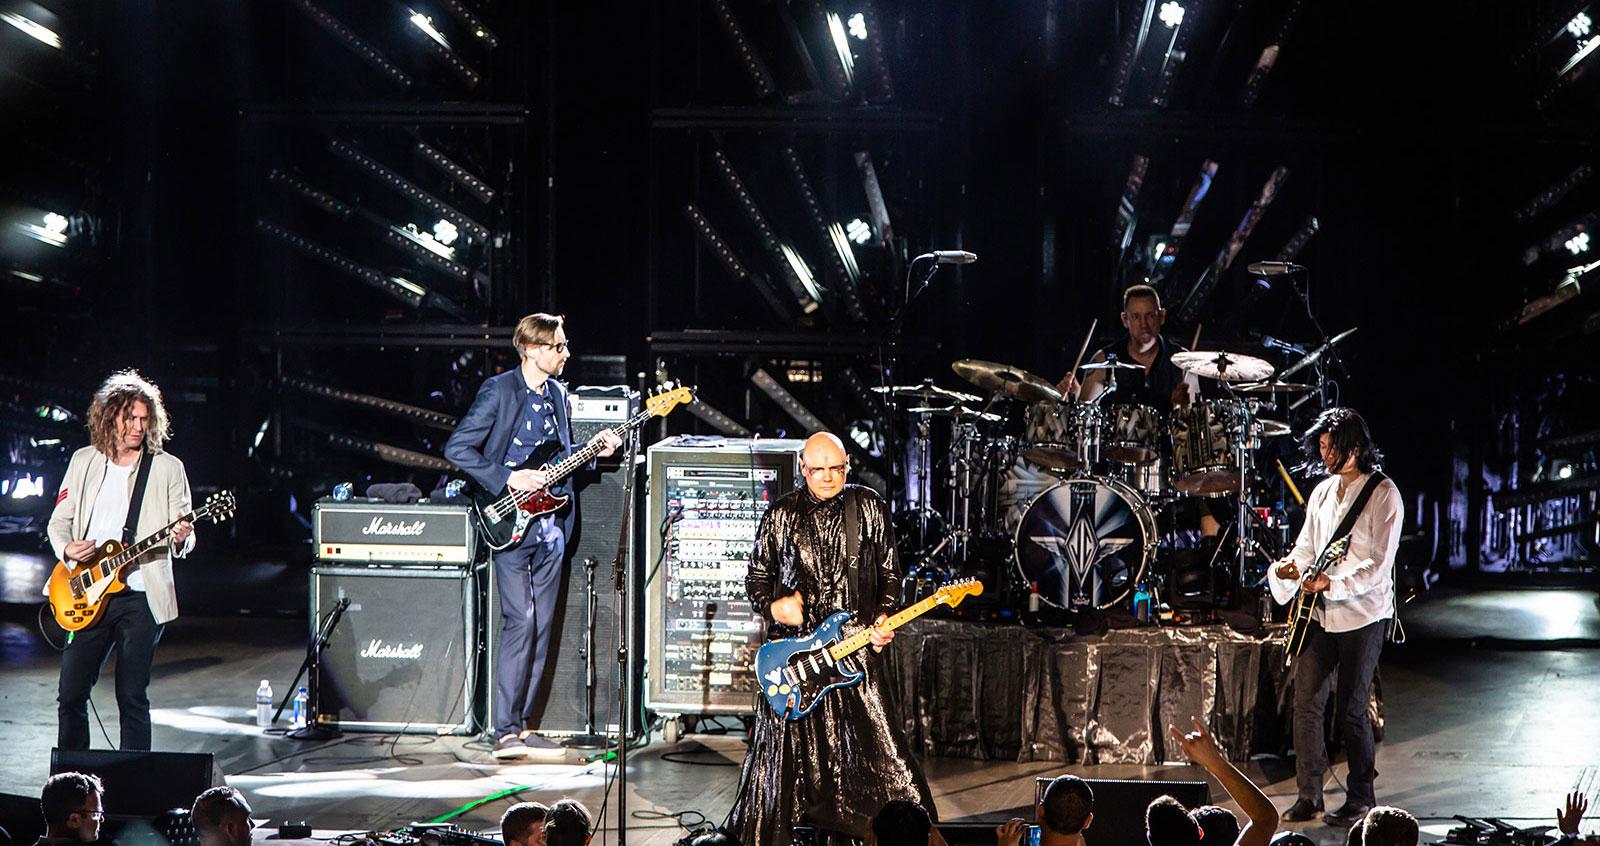 Mark e Dave ospiti degli Smashing Pumpkins per il concerto dei 30 anni